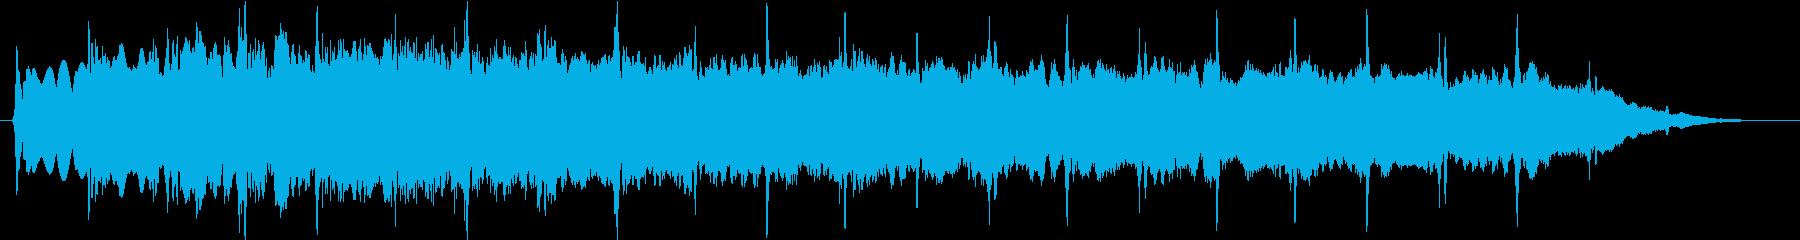 ピューン:異次元へワープする音2の再生済みの波形